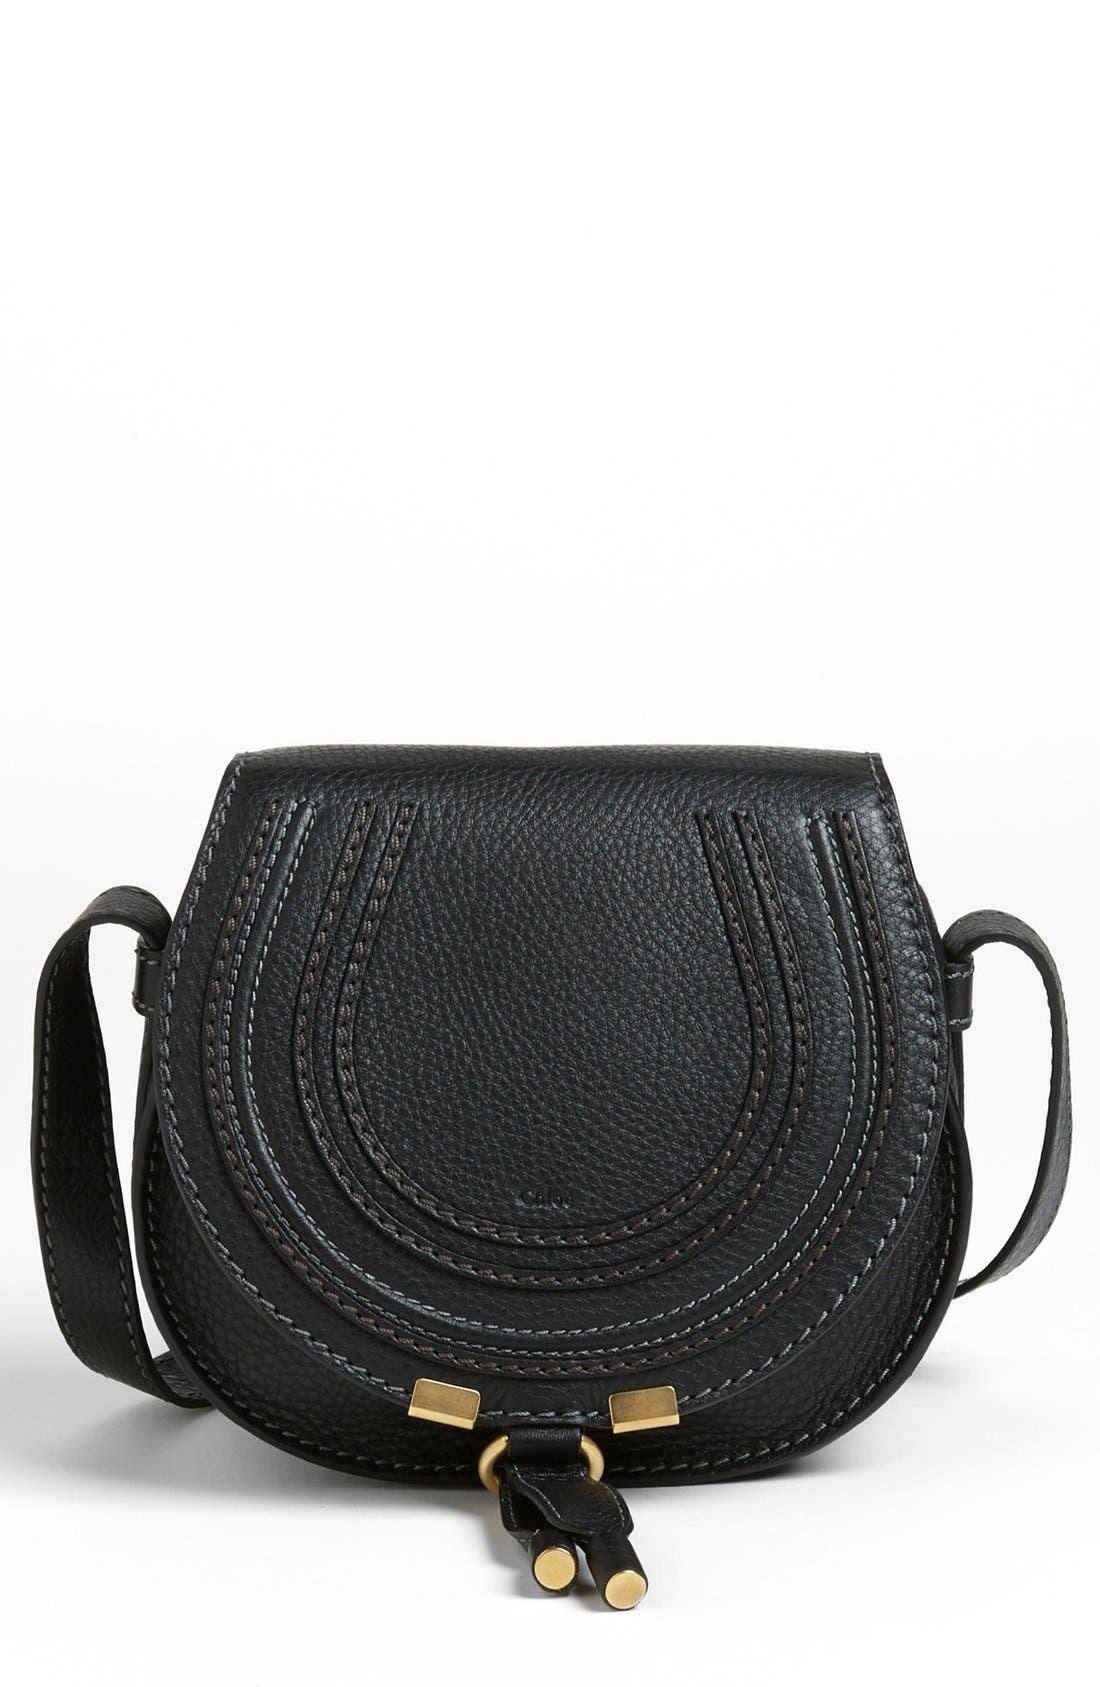 72979d560215 Crossbody Bags All Women